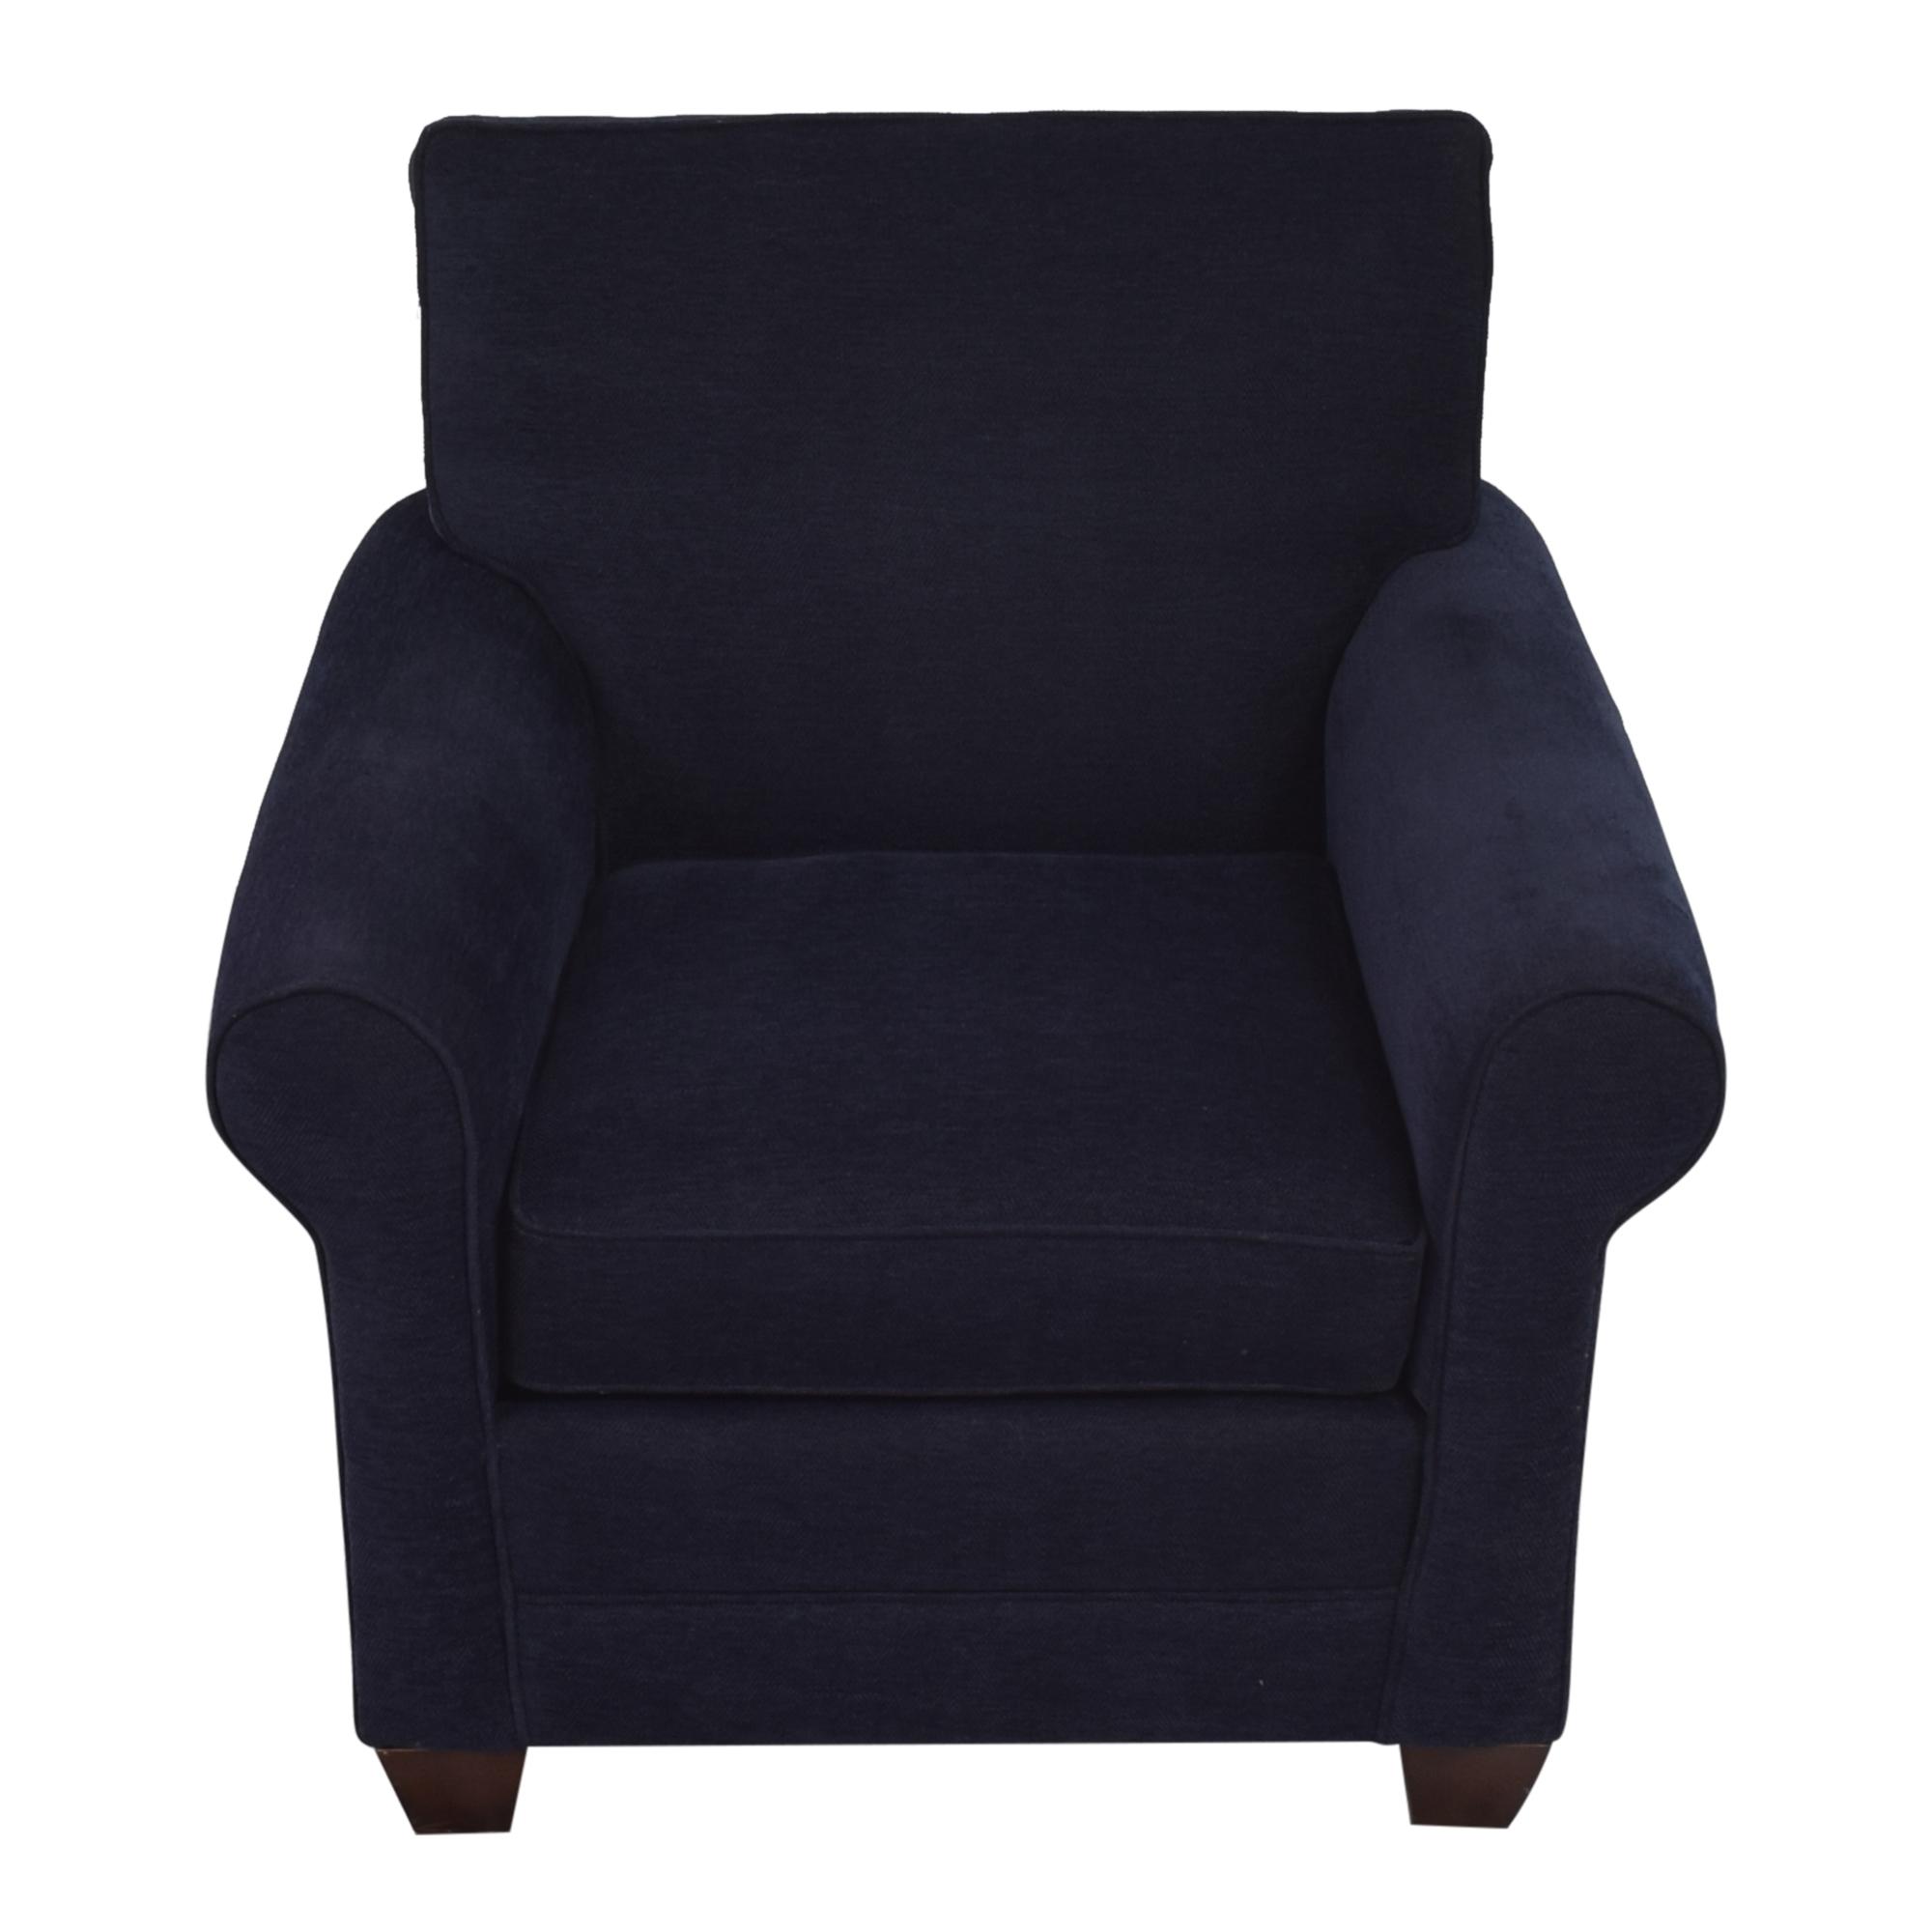 shop Bassett Furniture Bassett Furniture Roll Arm Accent Chair online